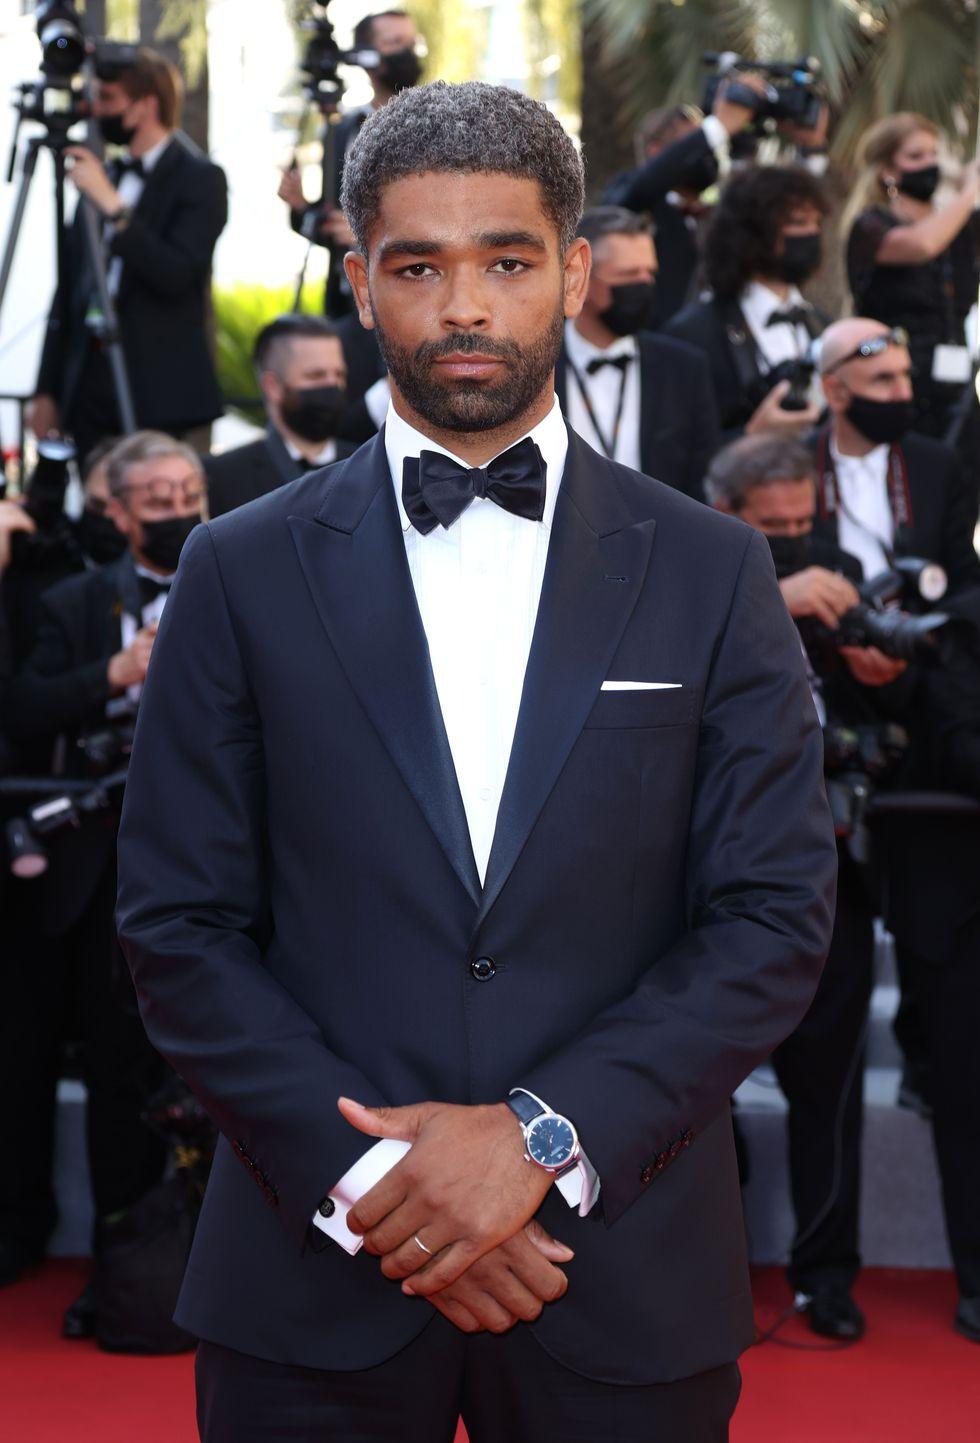 Die besten Outfits vom Cannes Film Festival 2021: Kingsley Ben Adir